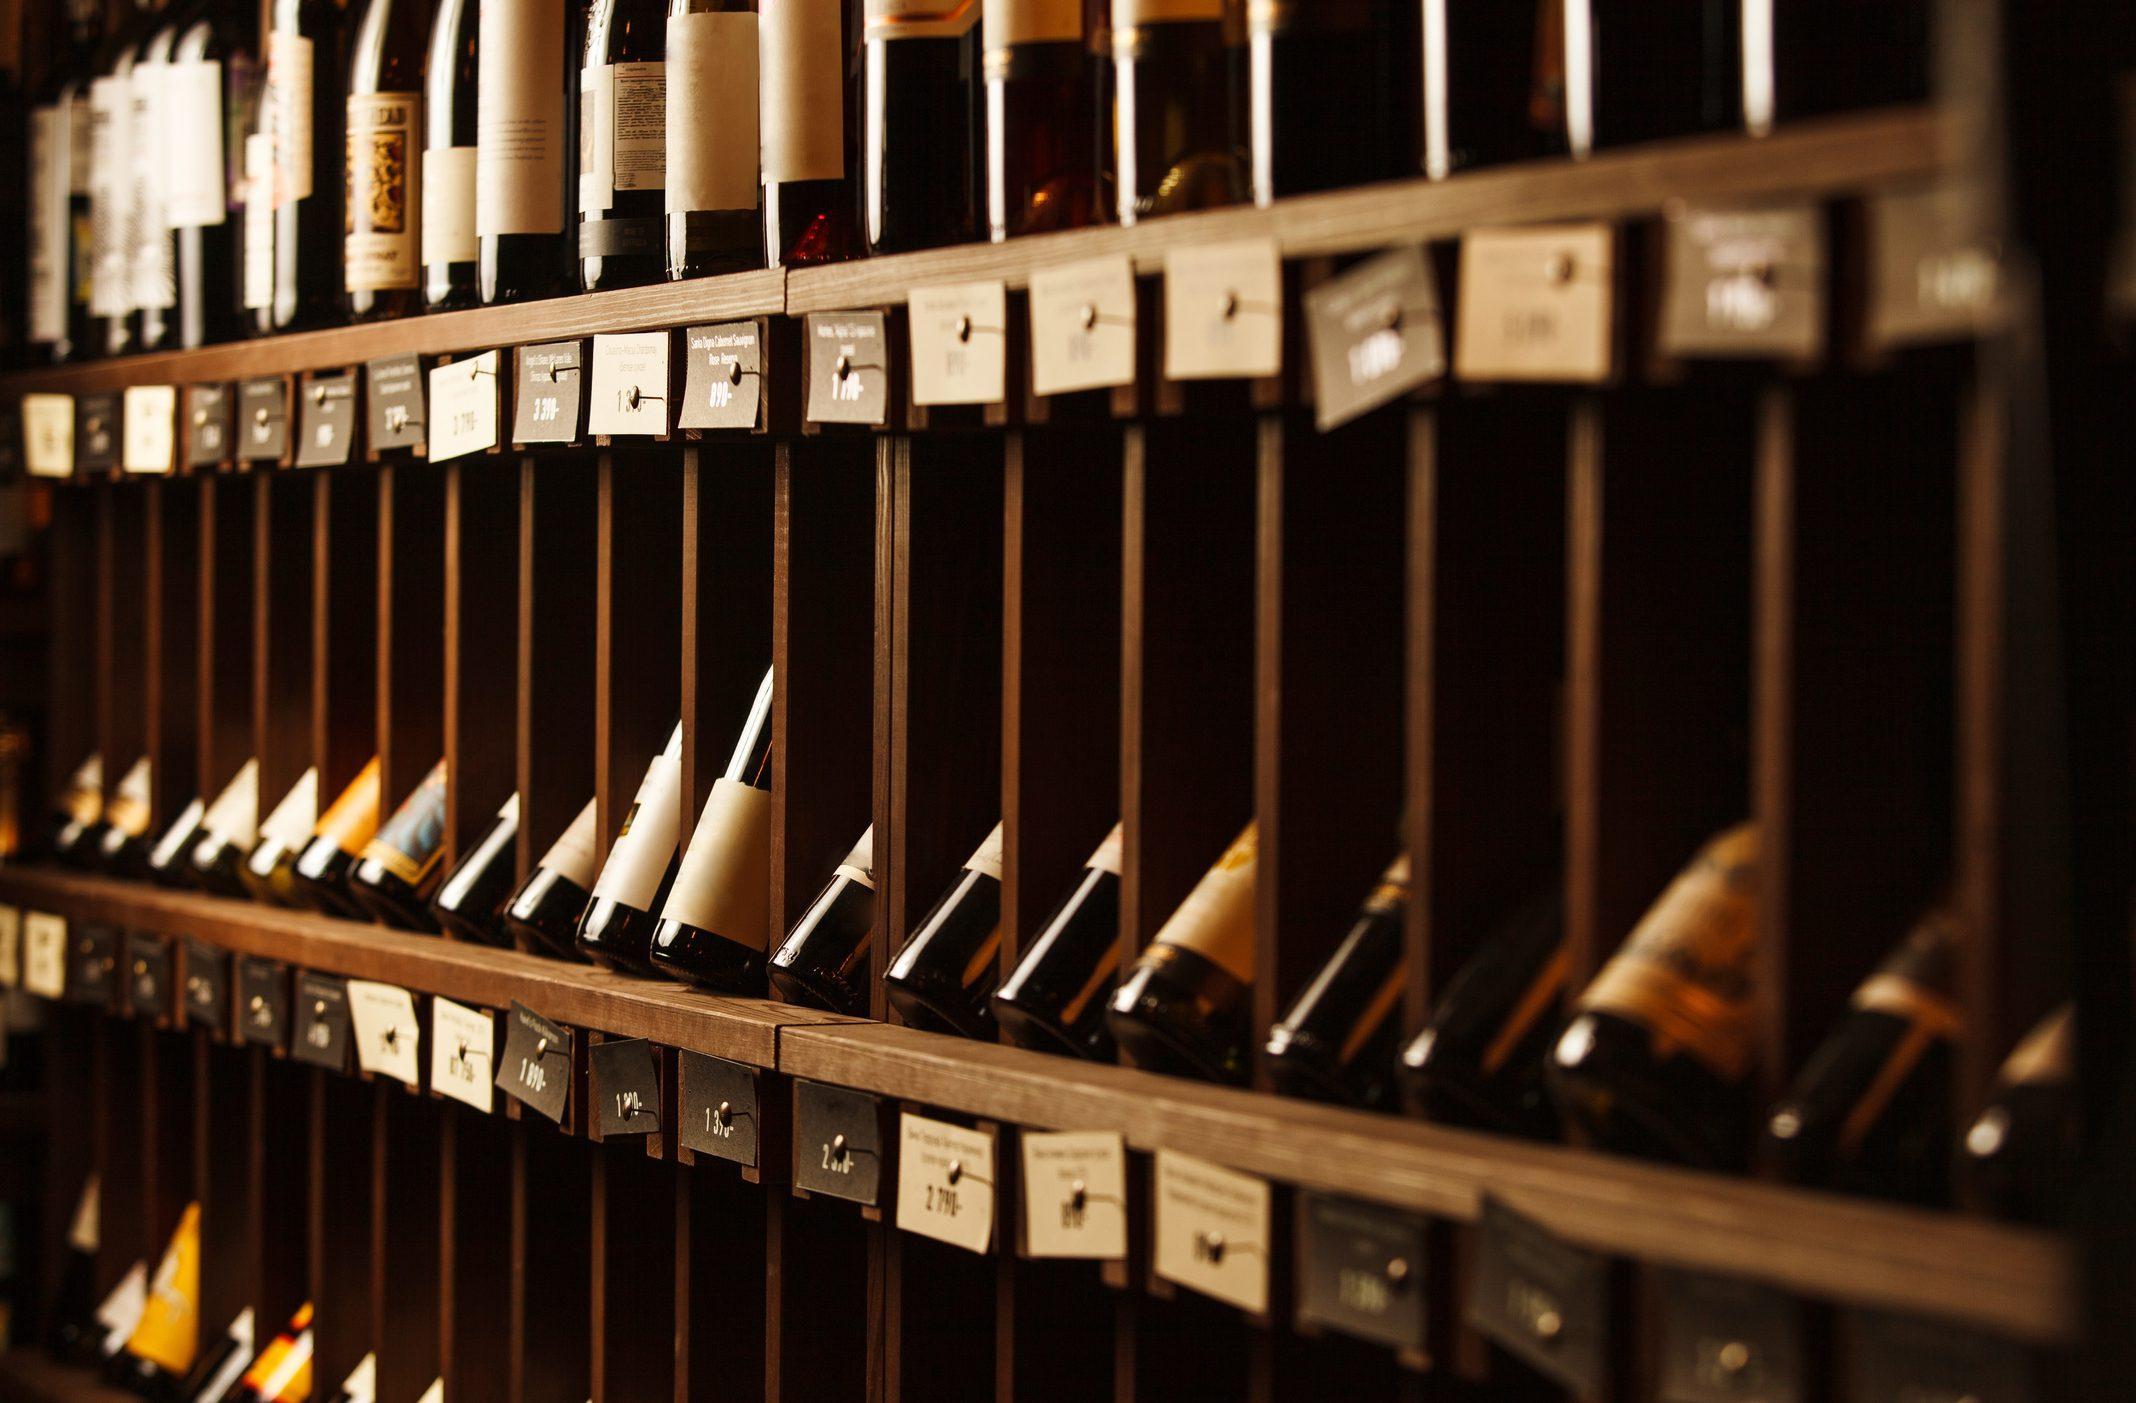 Le 100 migliori cantine dei ristoranti al mondo per Wine Spectator: sono 6 le italiane